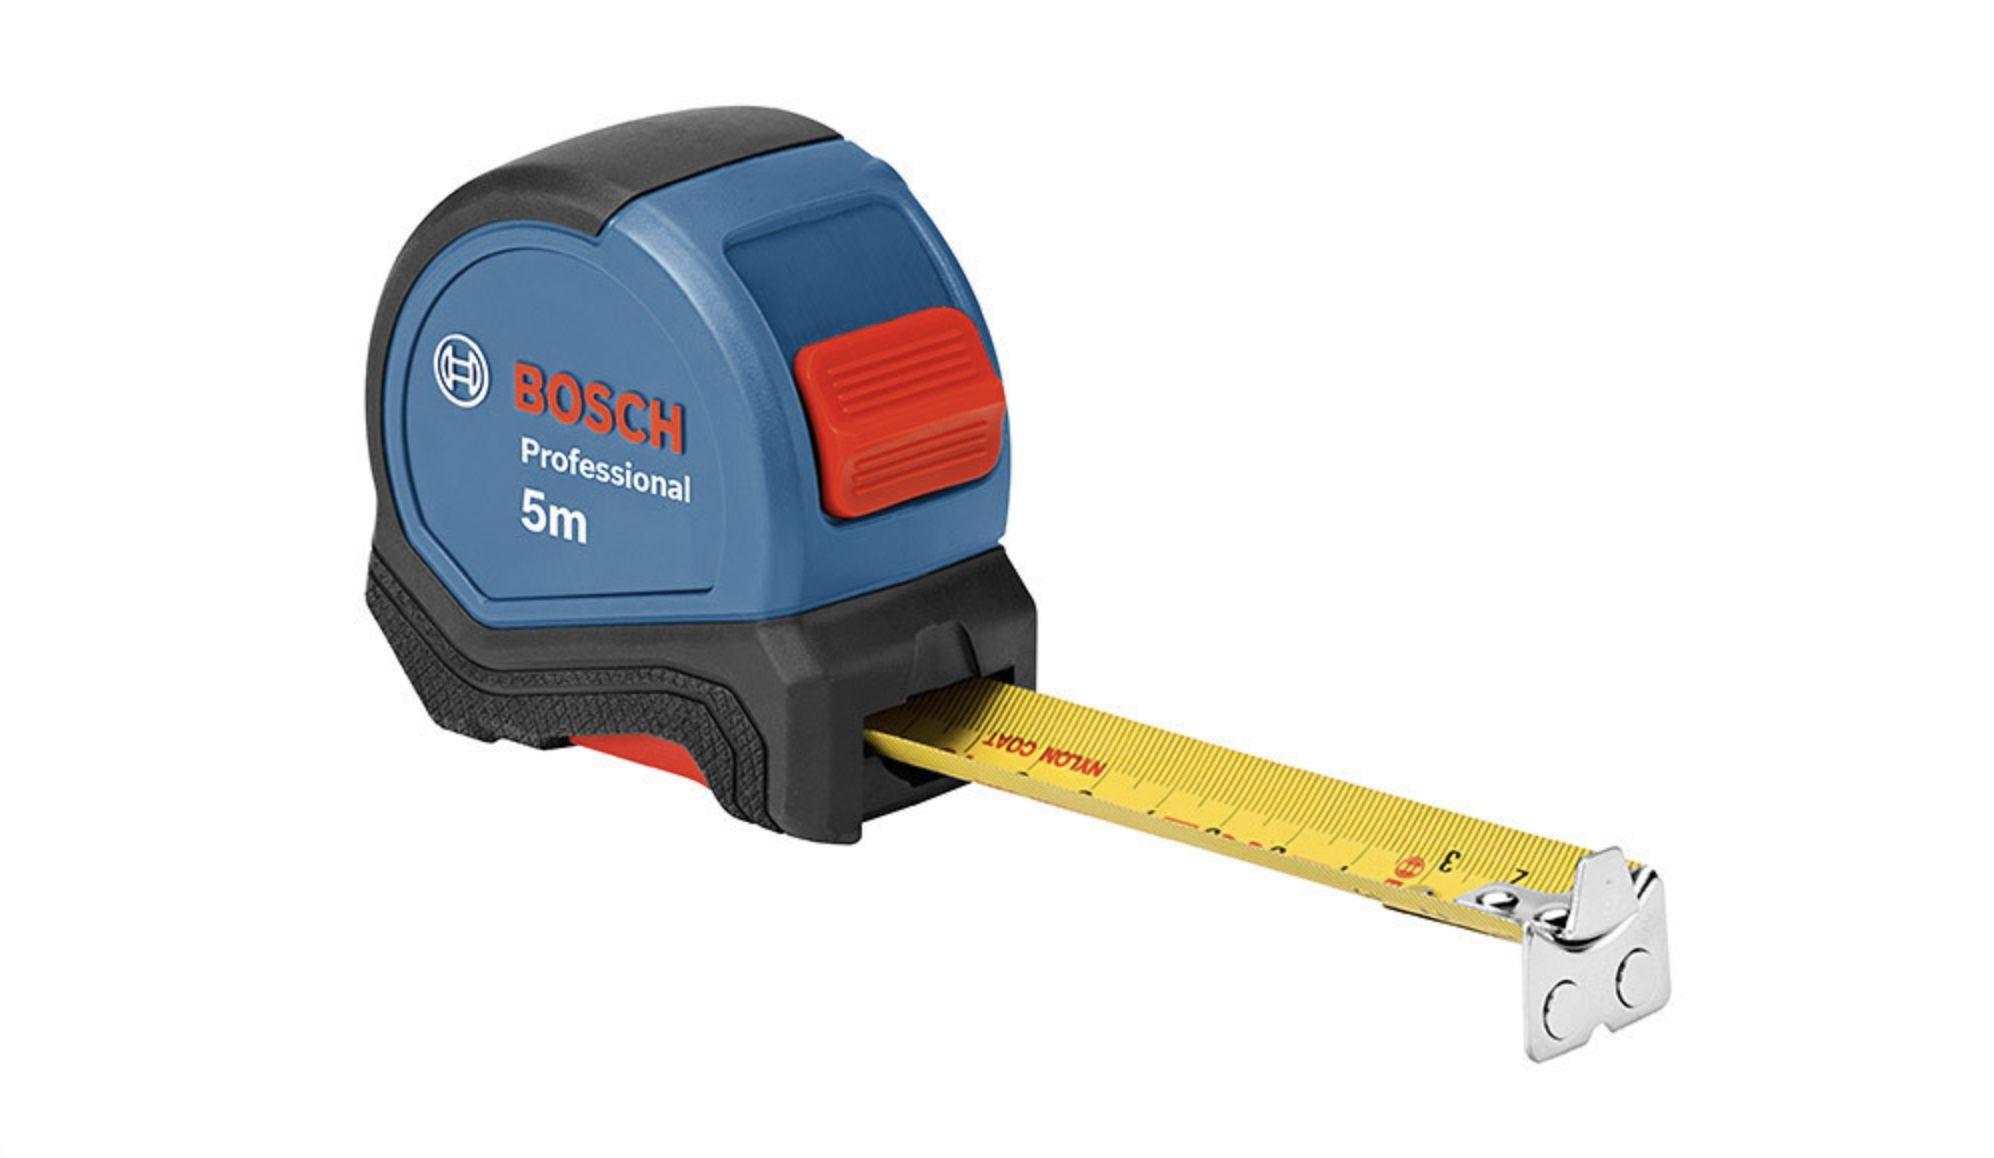 Bosch Professional 5m-Maßband mit Magnethaken für 17,99€ (statt 25€) – Prime